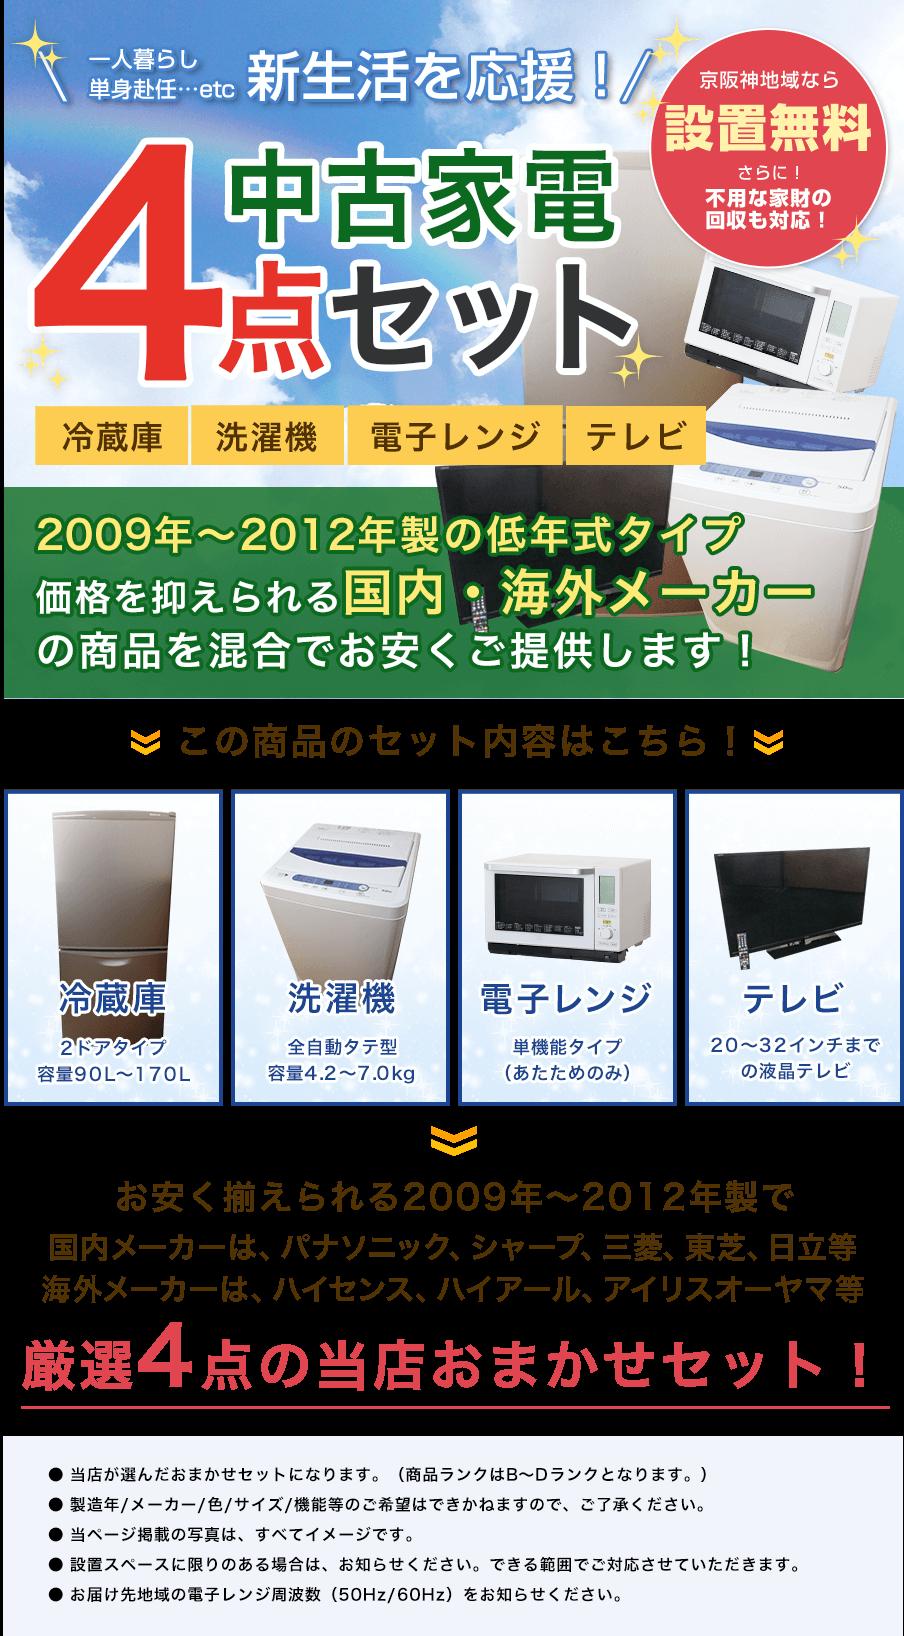 低年式家電4点セット(国産・海外メーカー混合)MV